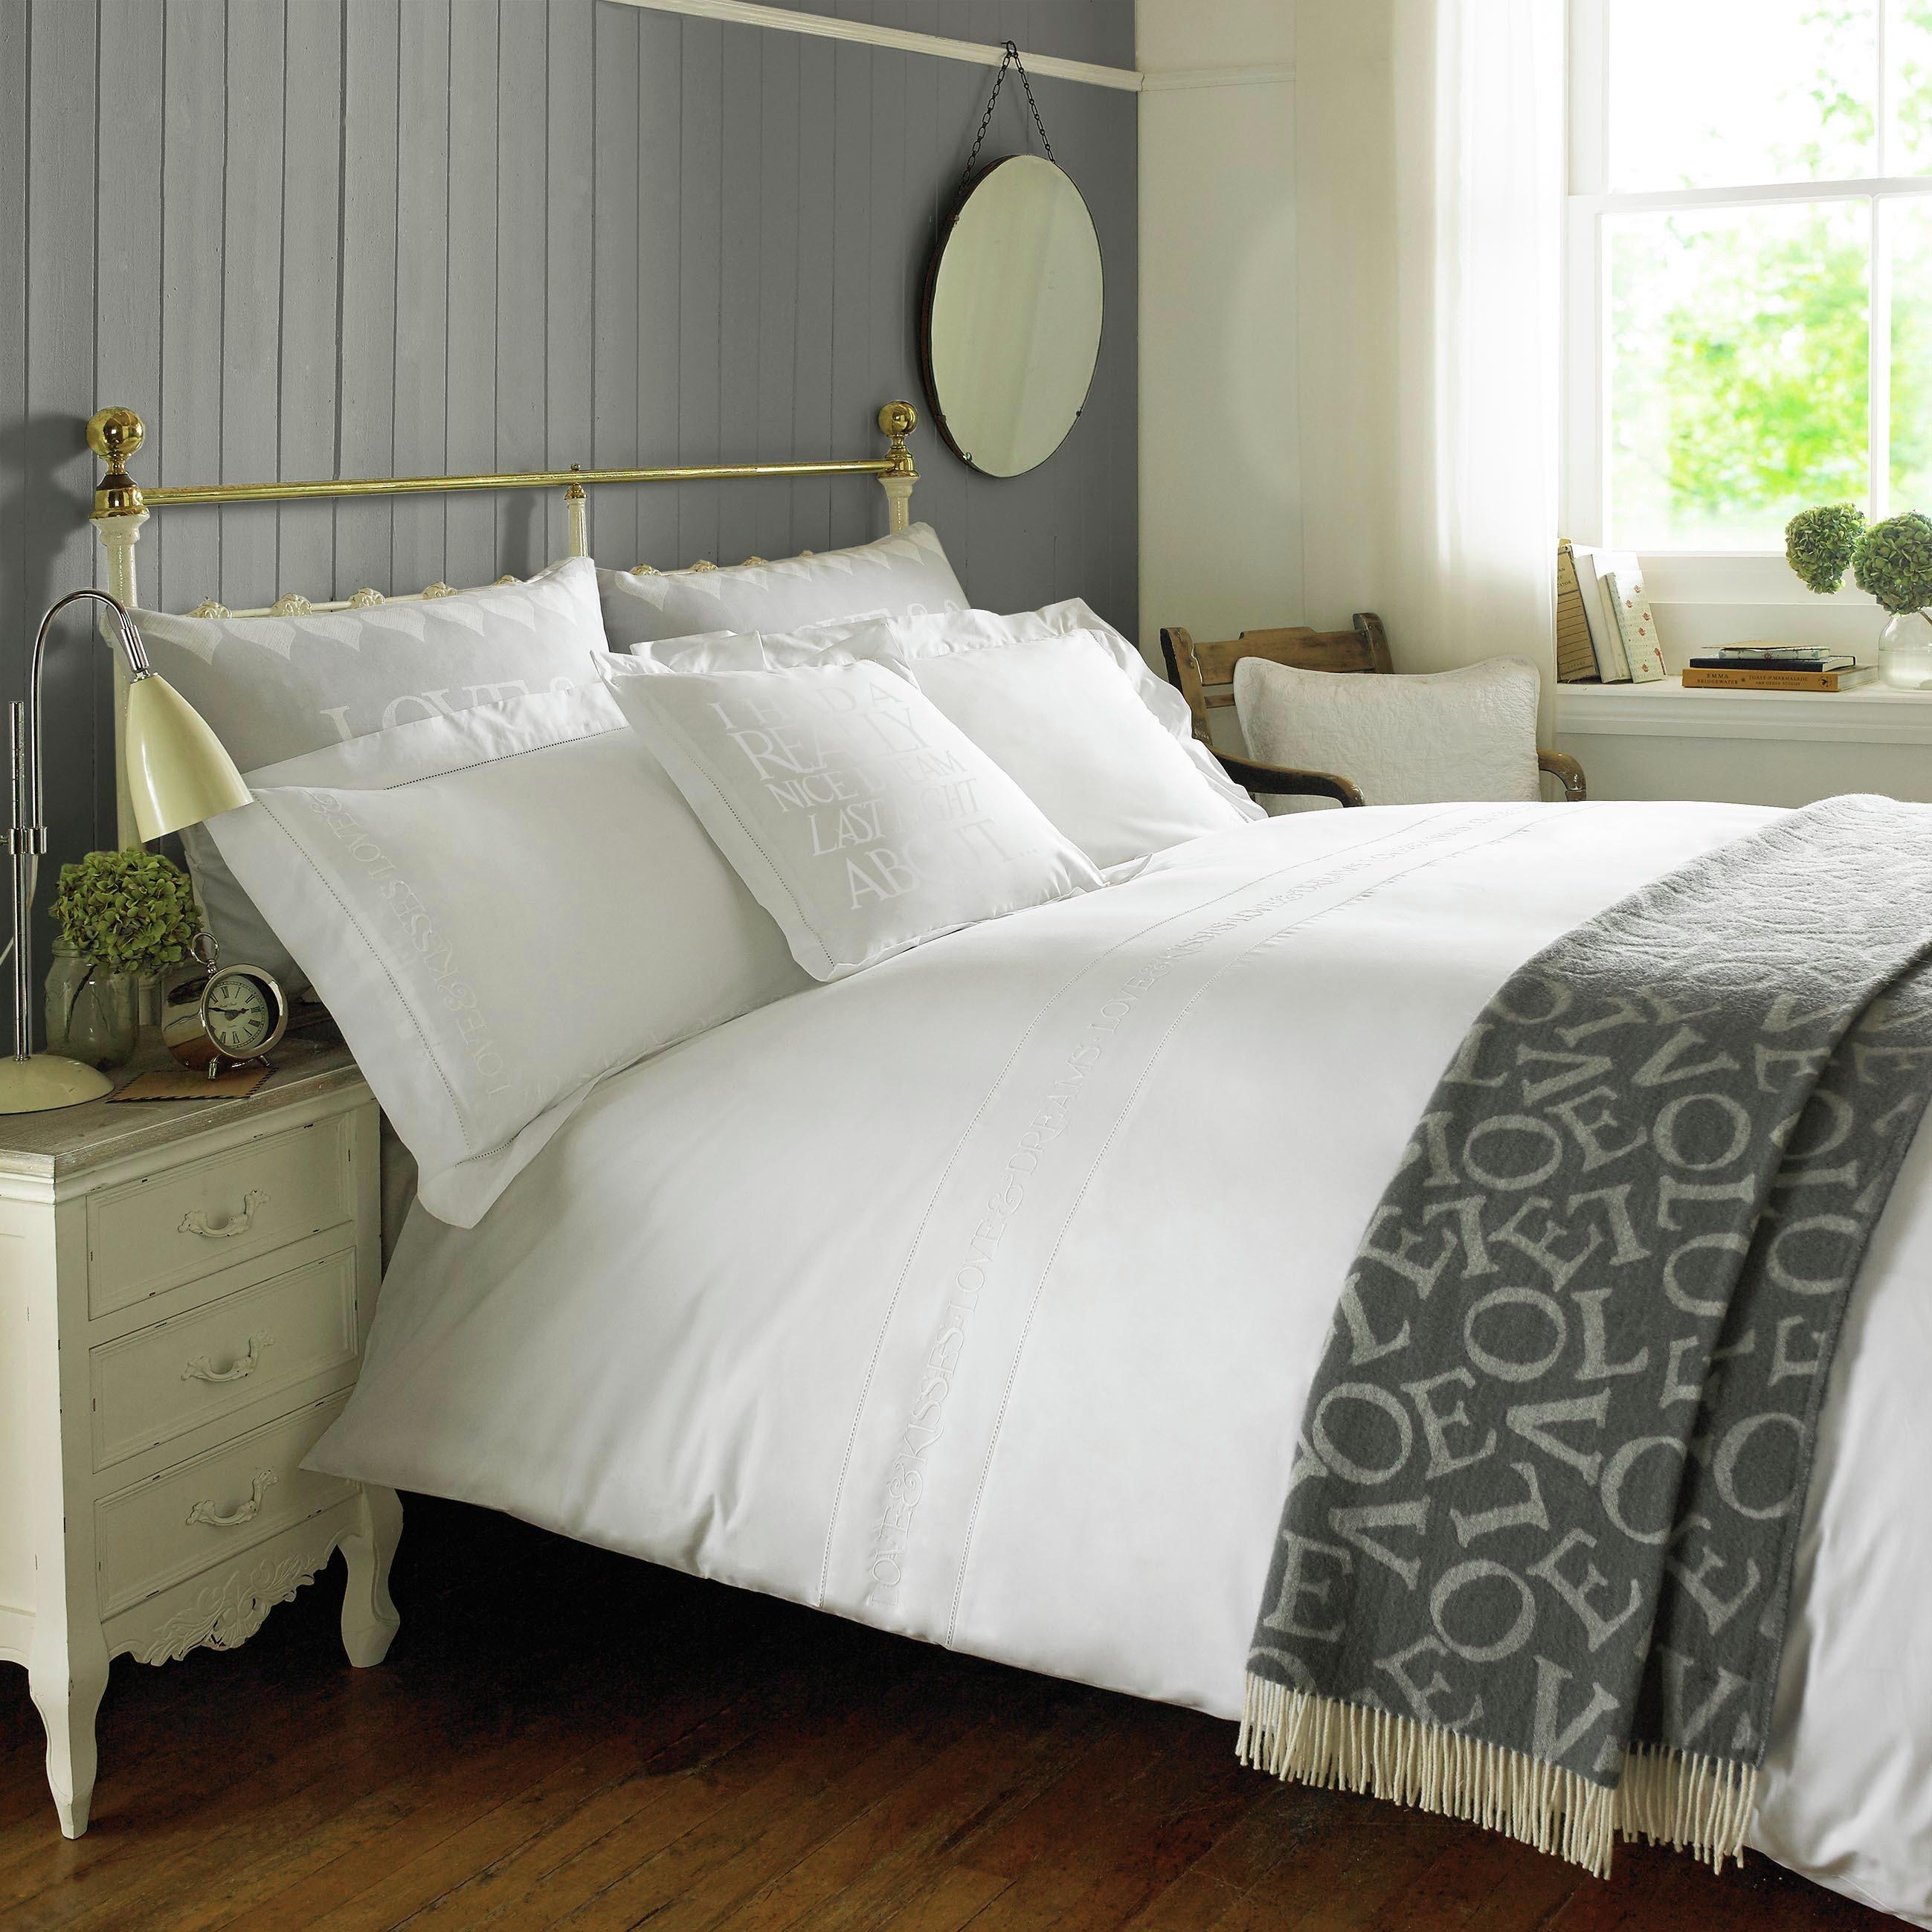 emma bridgewater  embroidered white  bedding set  kingsize